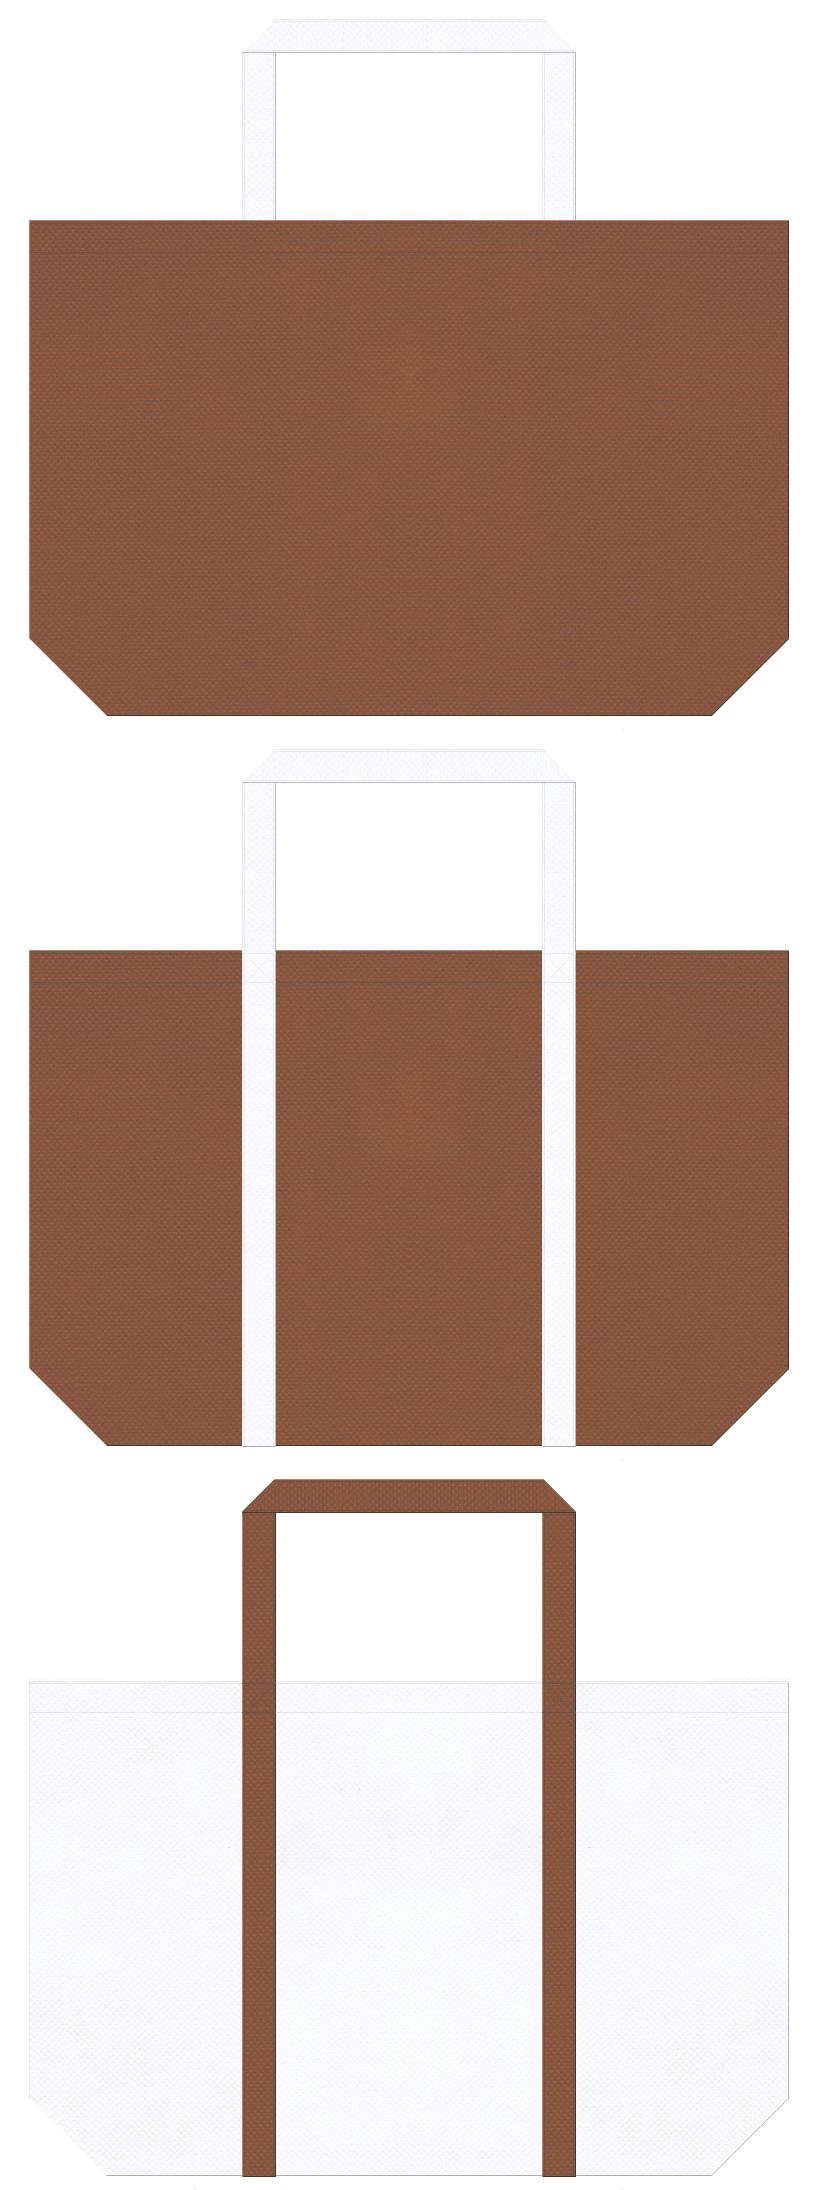 茶色と白色の不織布バッグデザイン